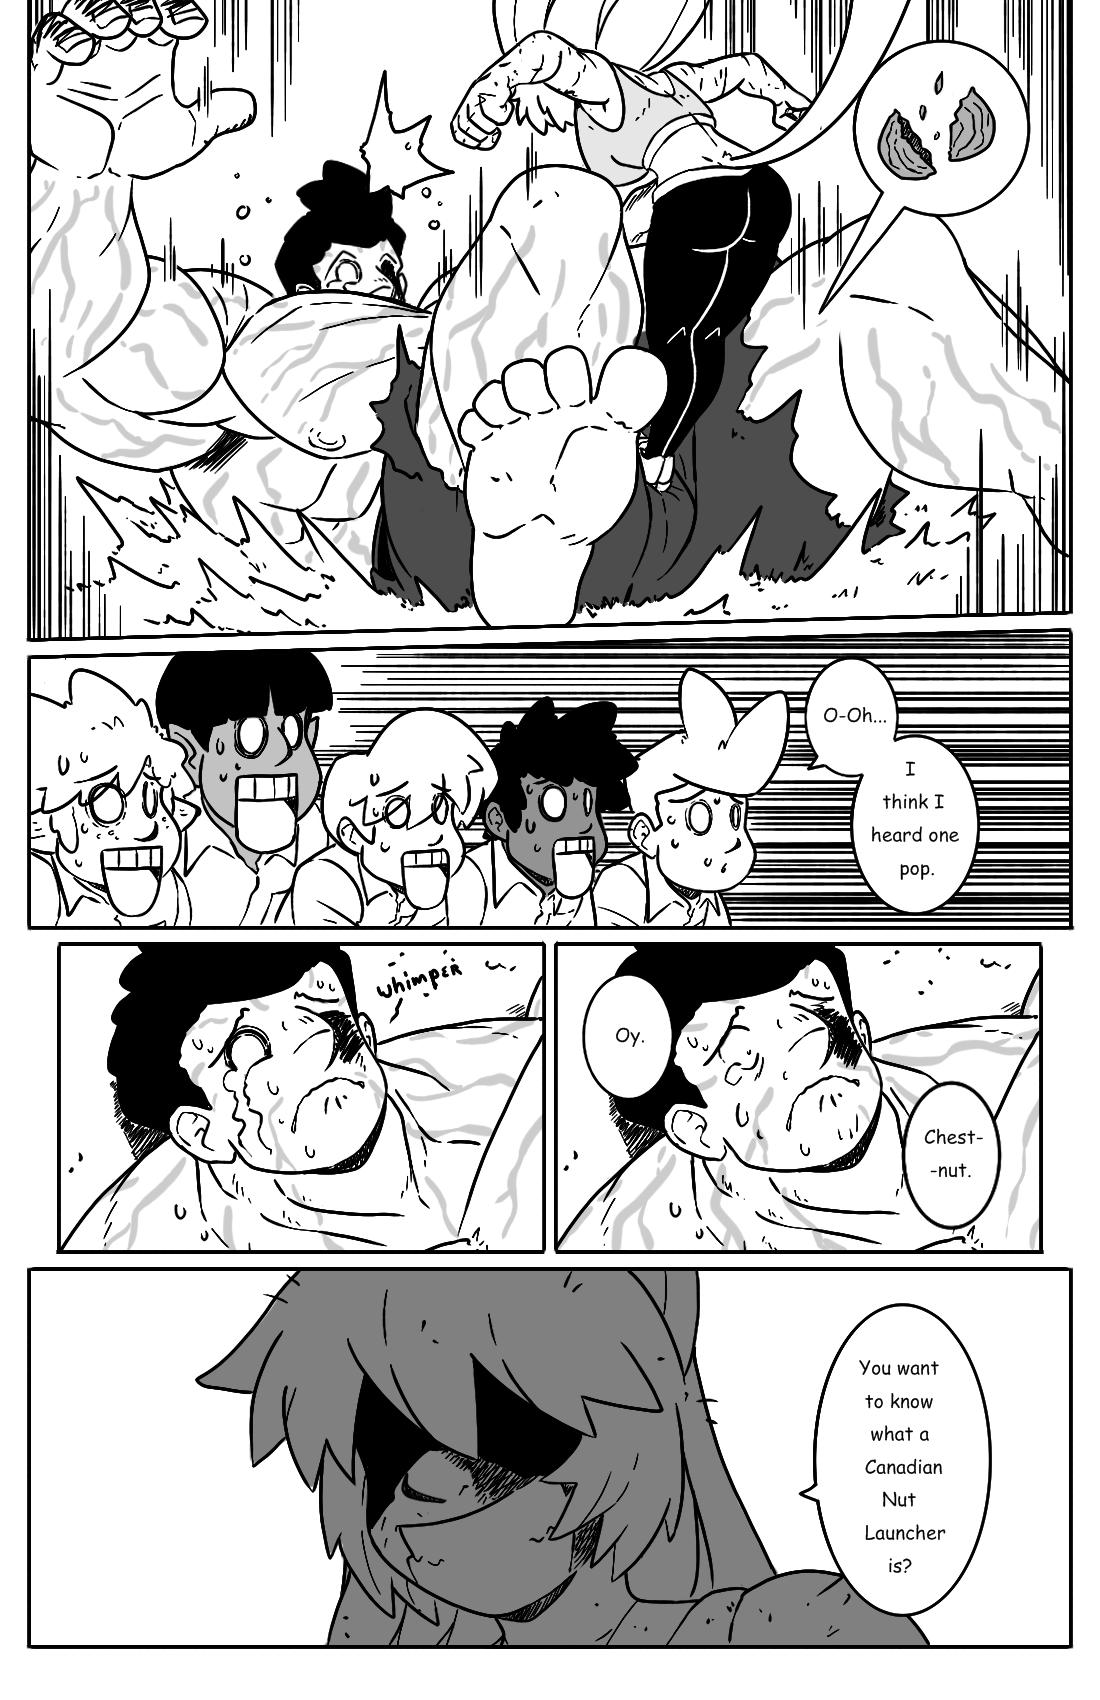 Bully Bully Part 3 pg.19